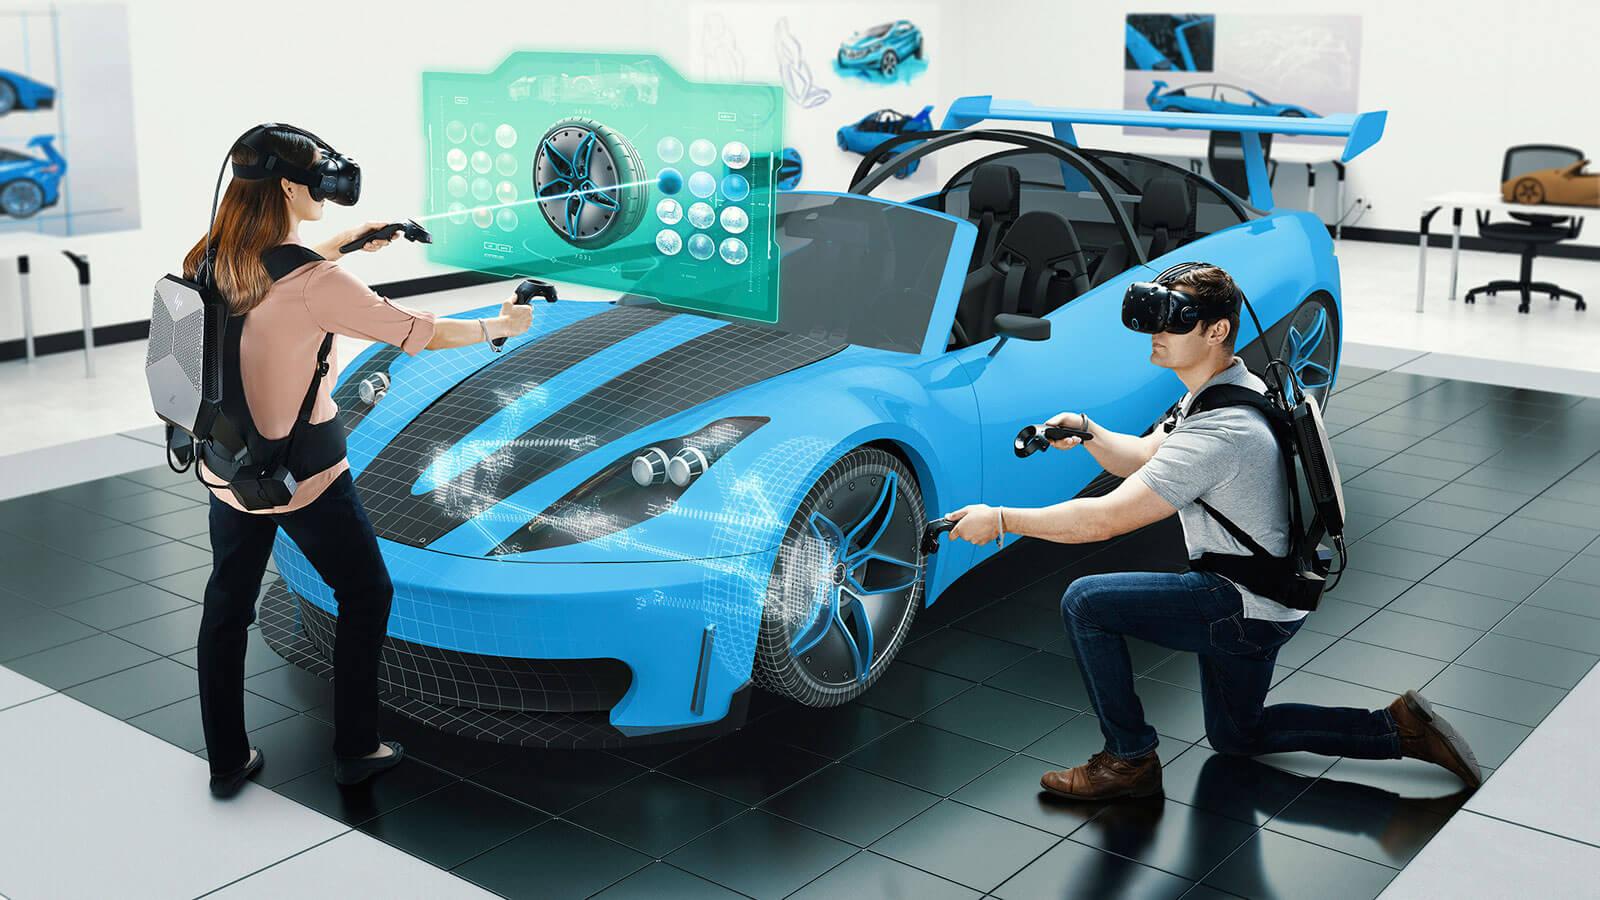 Наплечный VR-компьютер планируют использовать для тренировки военных